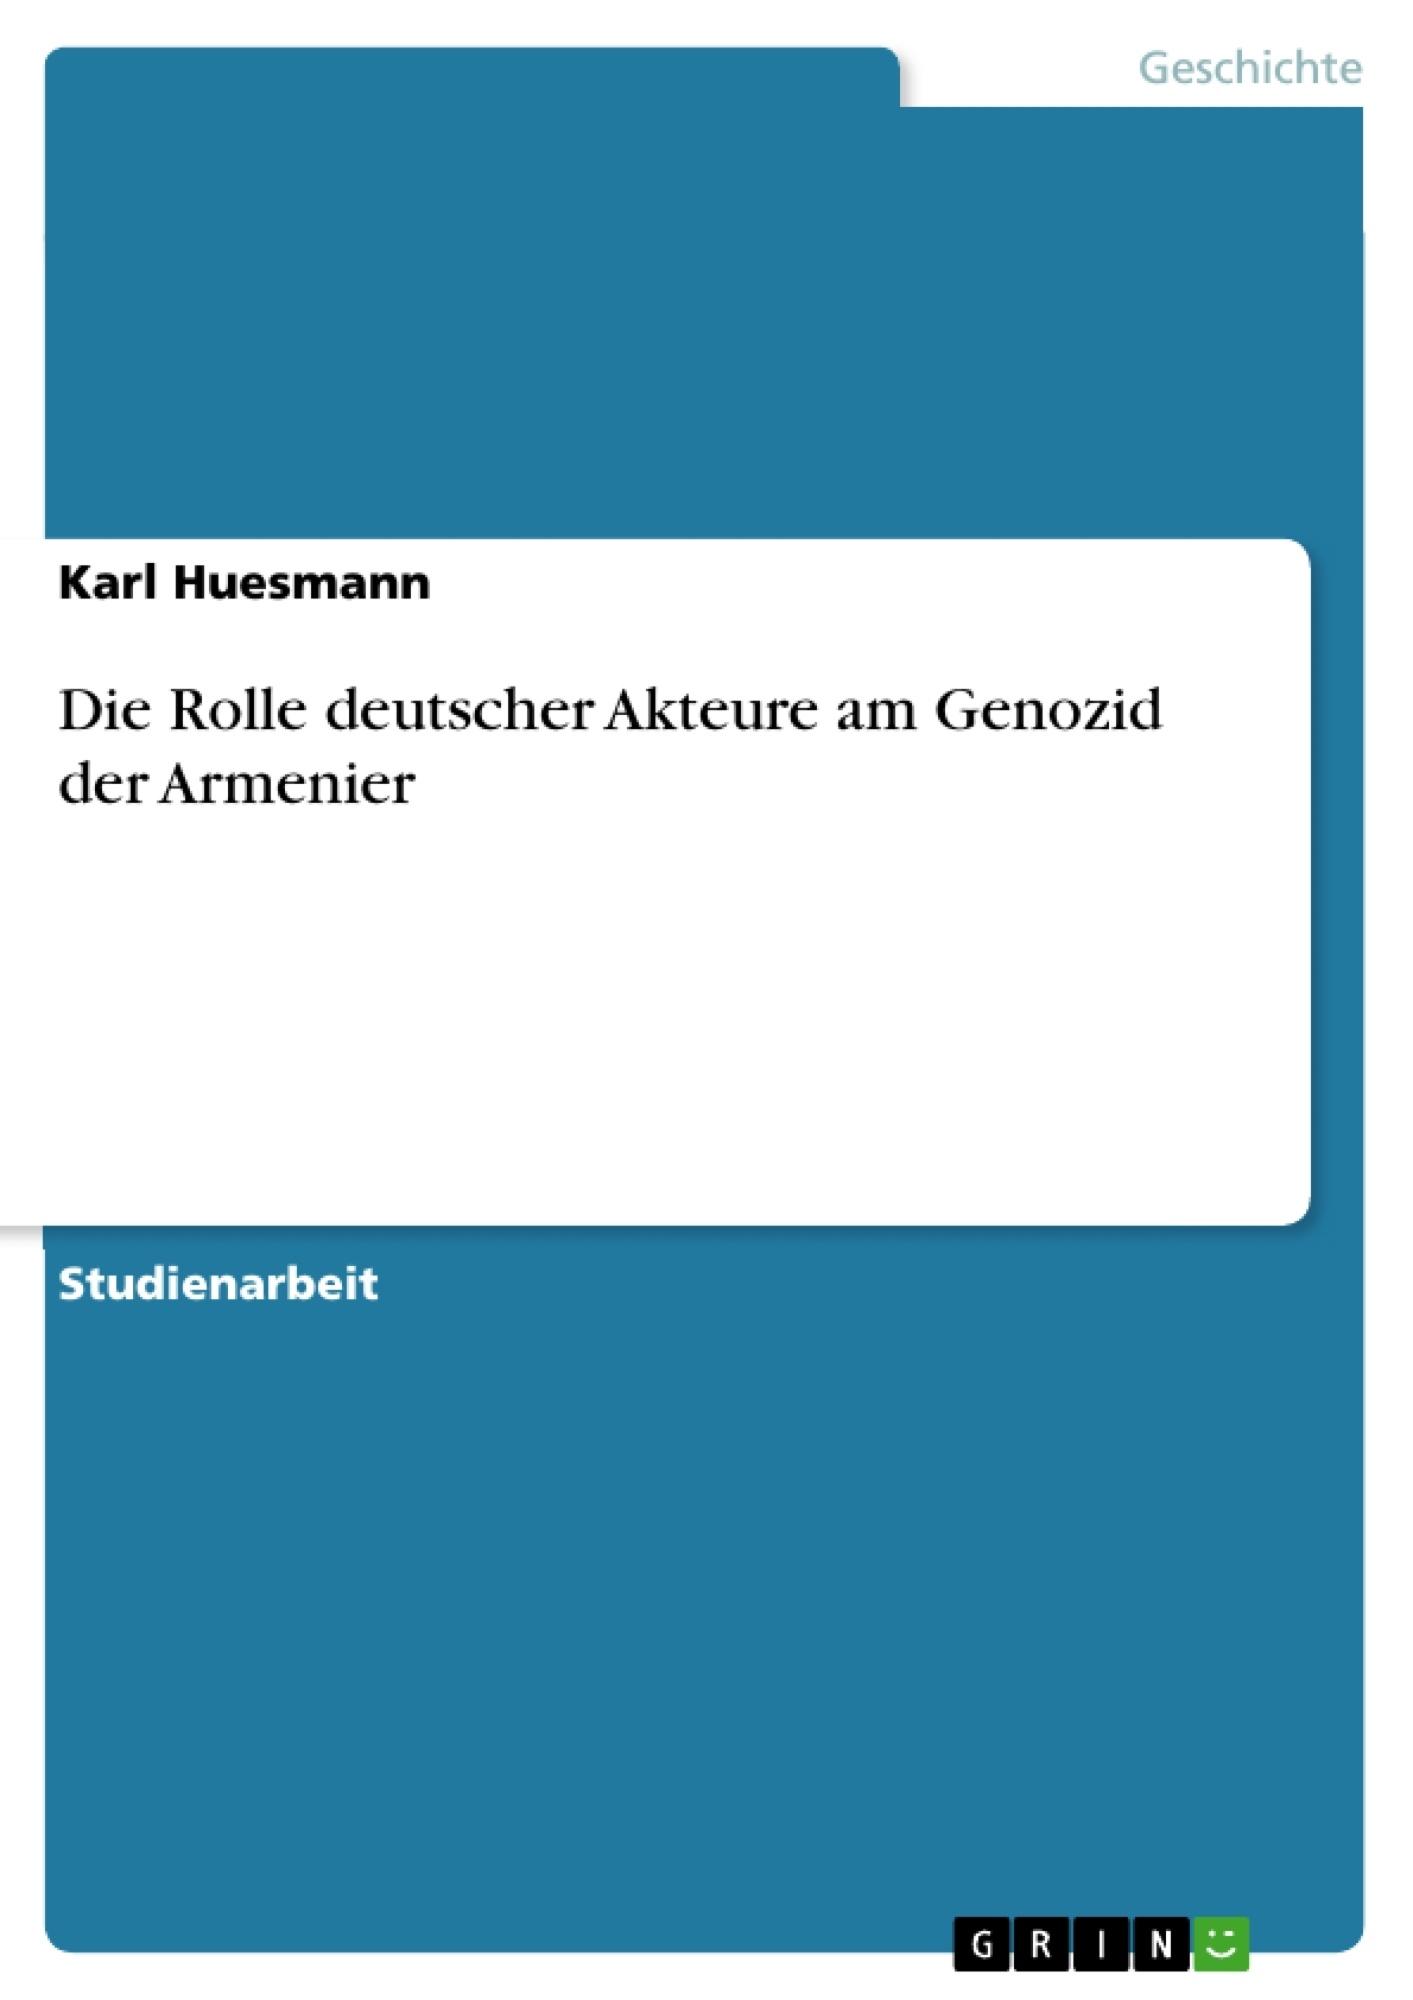 Titel: Die Rolle deutscher Akteure am Genozid der Armenier